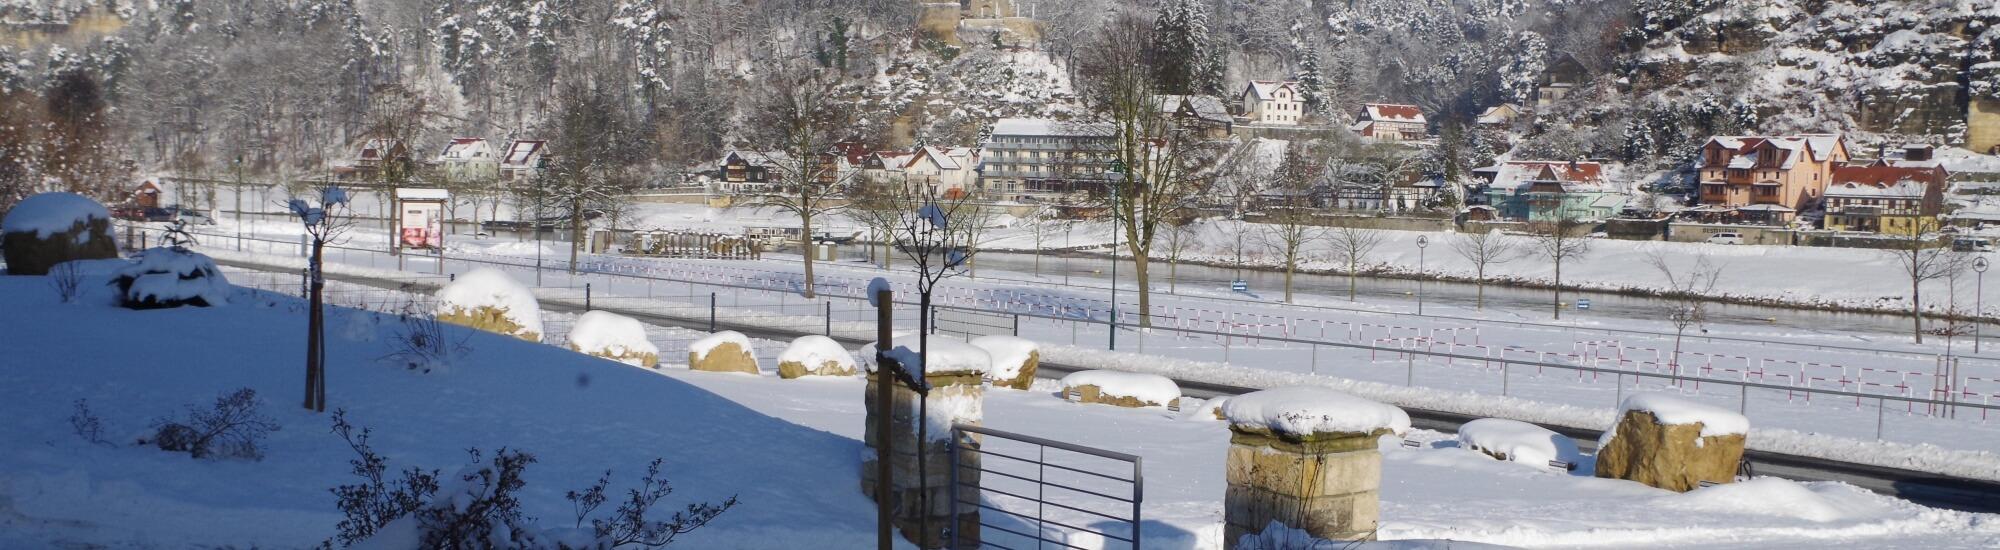 Winterblick vom Elbresort